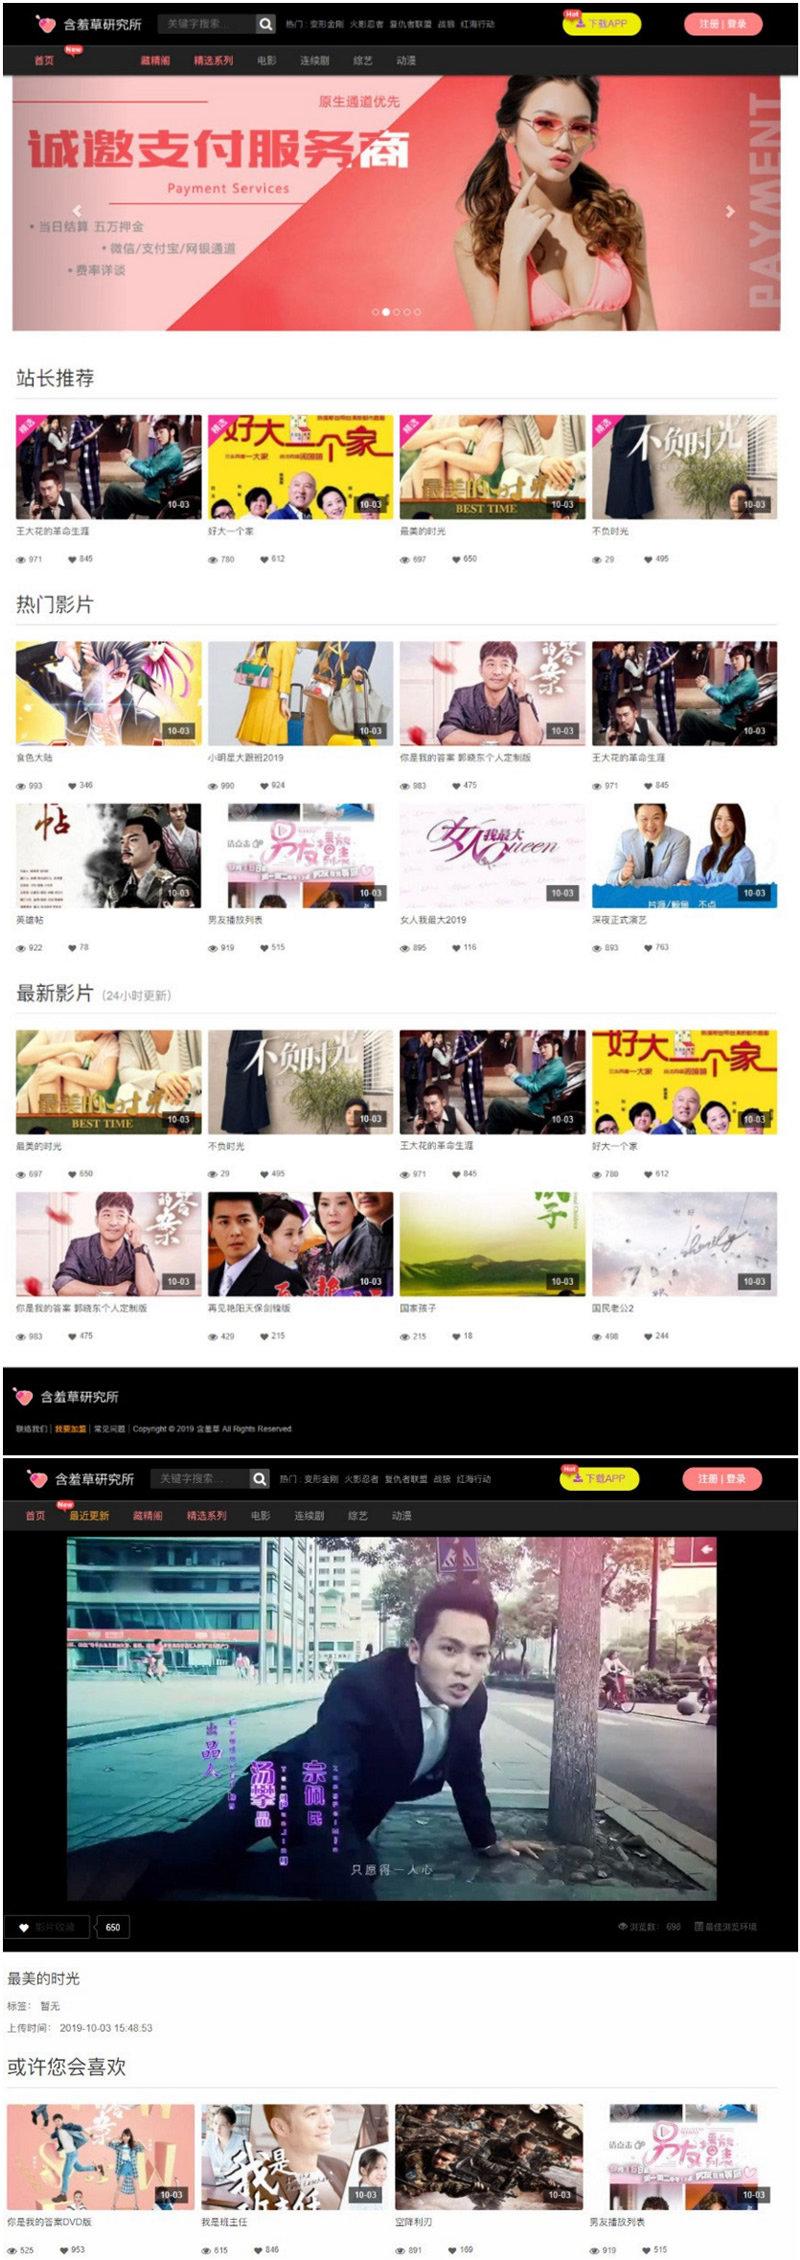 含羞草在线视频电影影视网站源码 自适应手机版 苹果cmsV10模板